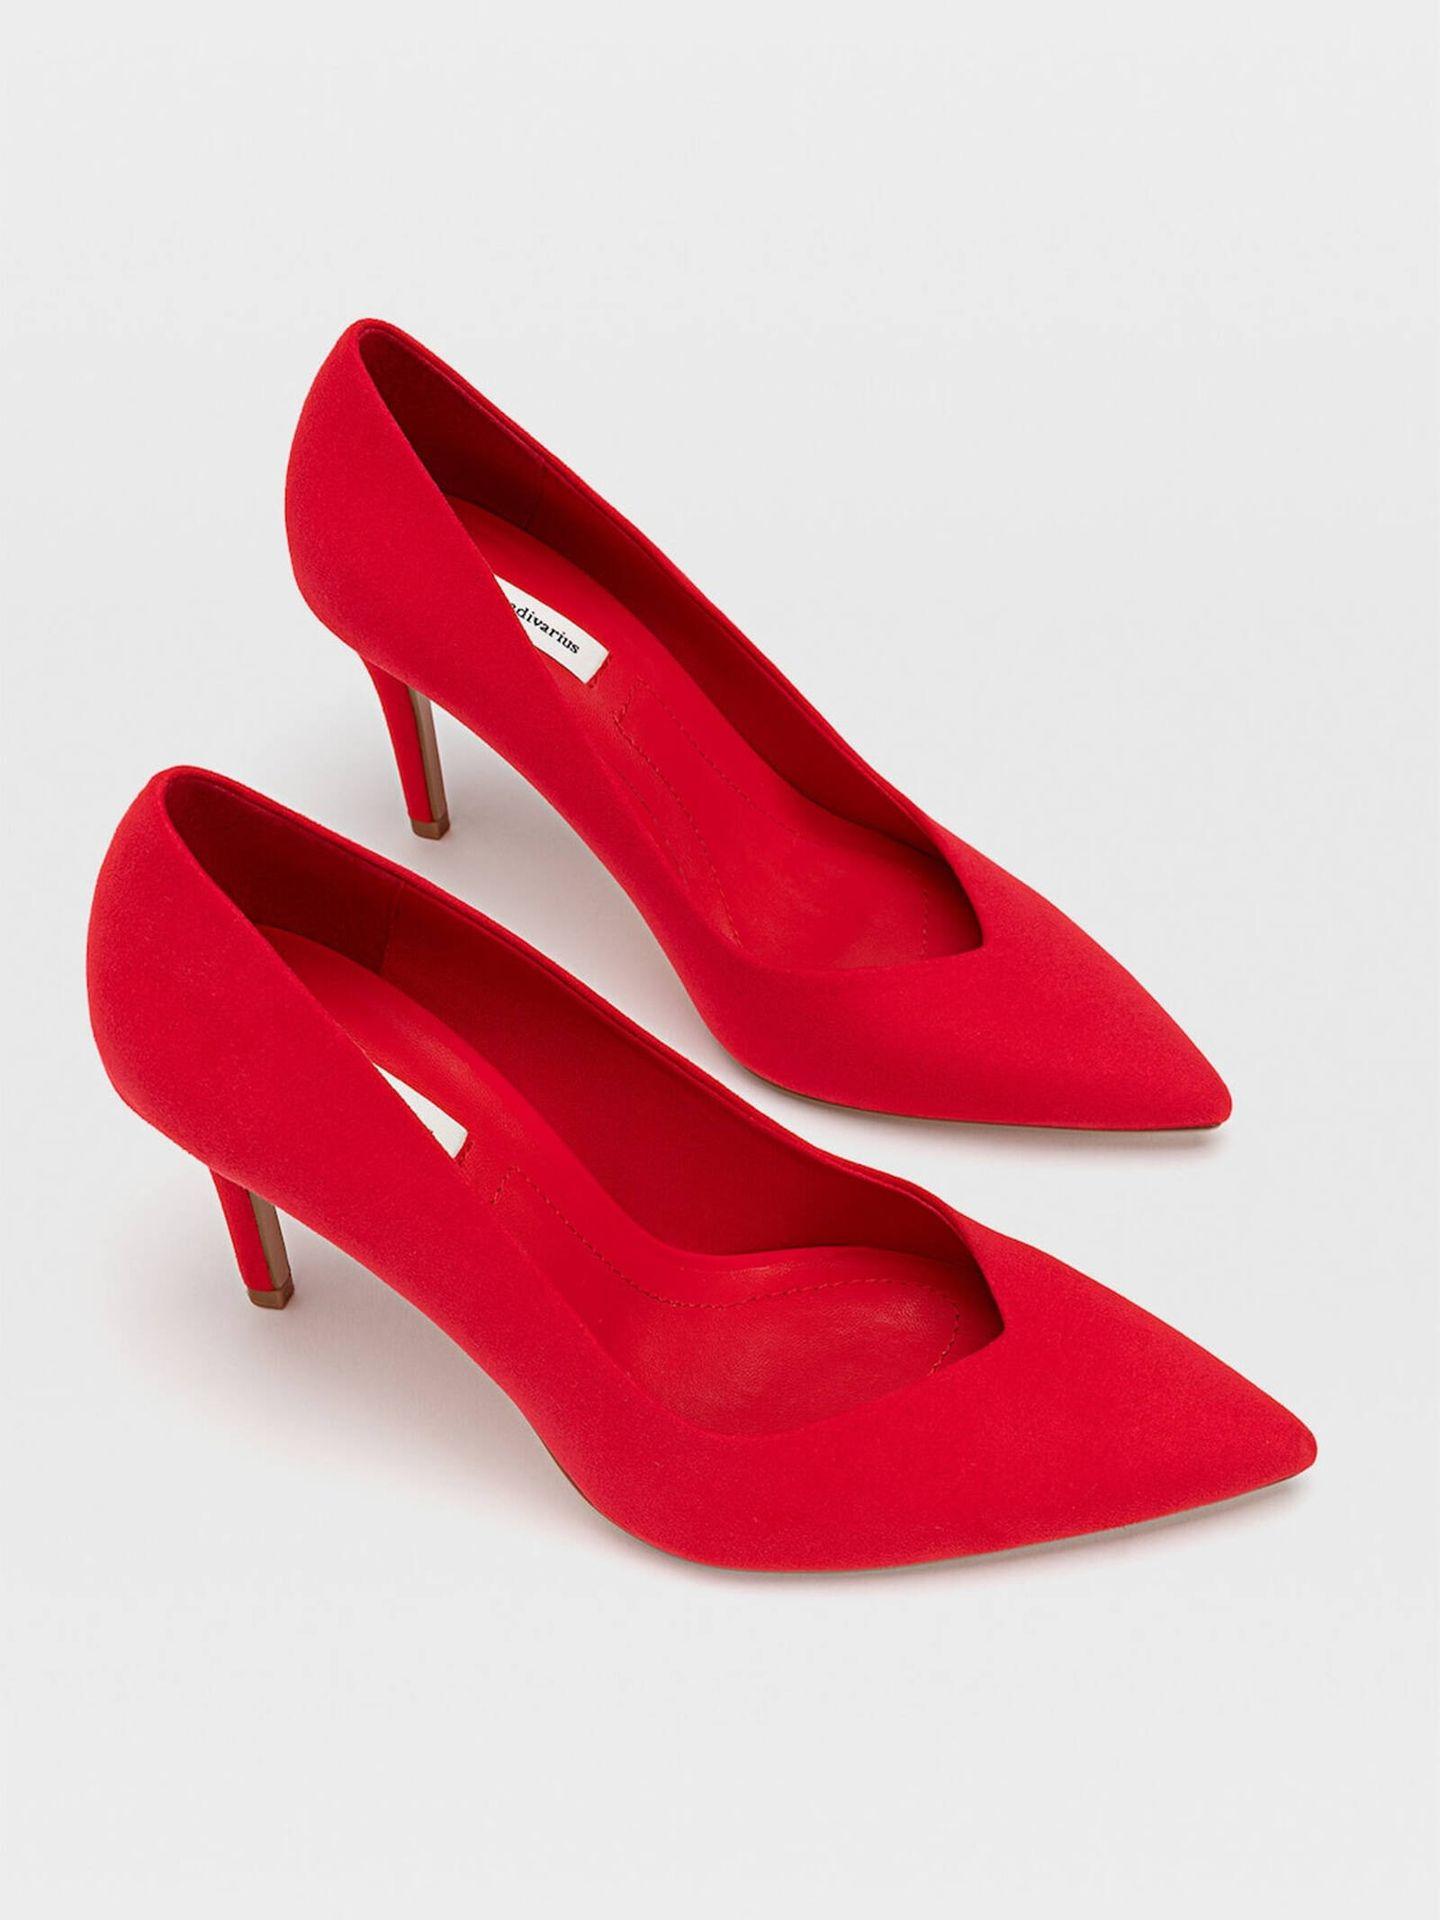 Los zapatos de tacón ideales para ir al trabajo de Stradivarius. (Cortesía)